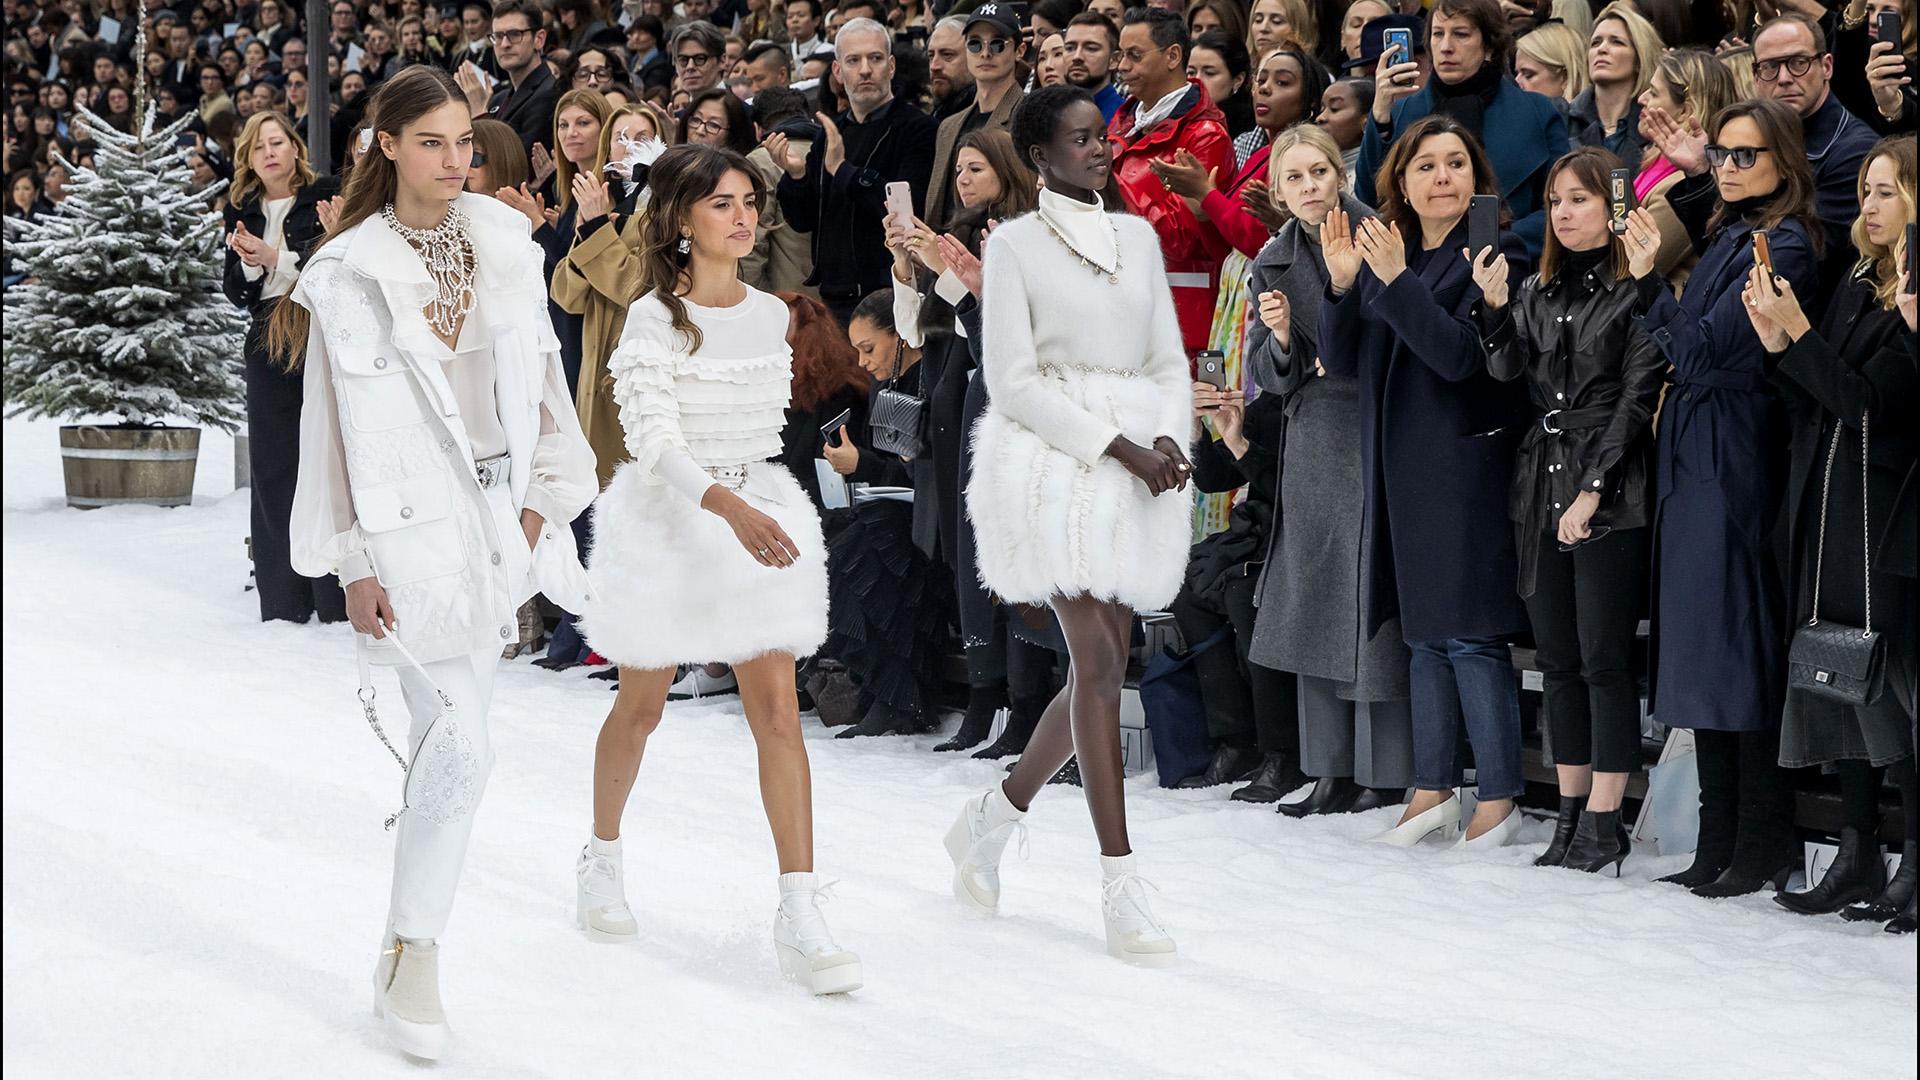 El blanco fue el elegido para vestir las piezas claves de la colección, adoptó la versión de faldas con de plumas, cinturones, parcas y vestidos